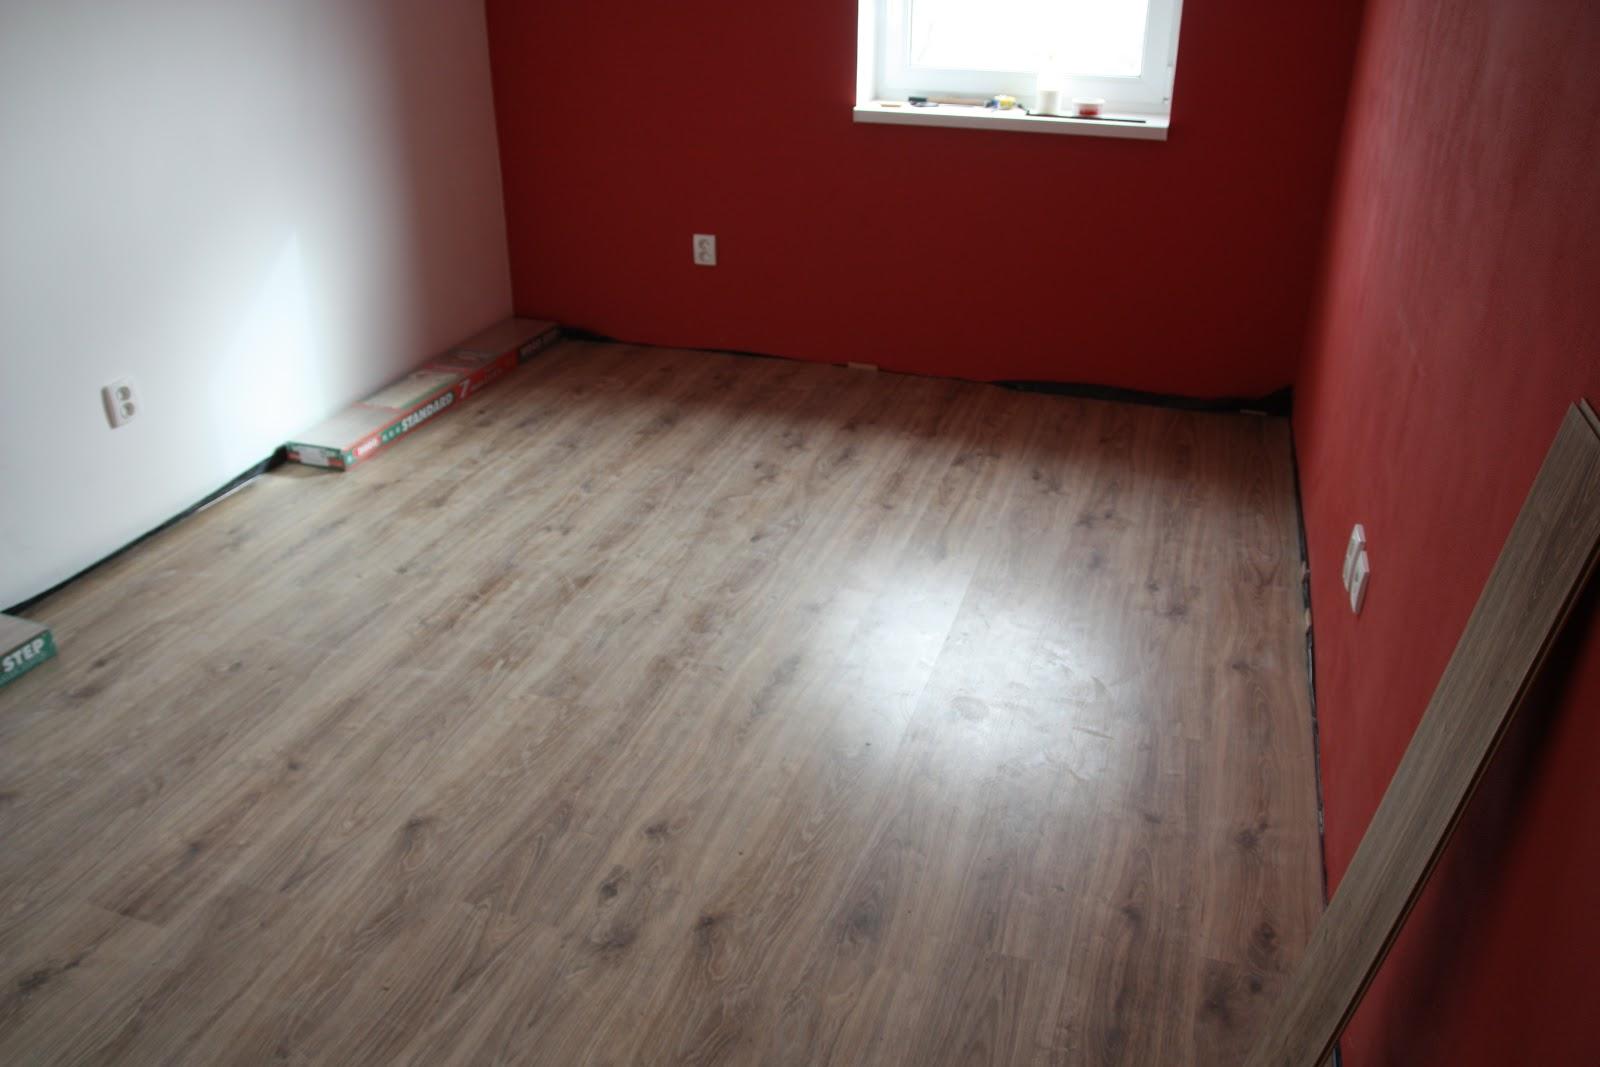 Laminaat Over Tegels : Ons nieuwbouw huis in podhorany po : tegels laminaat